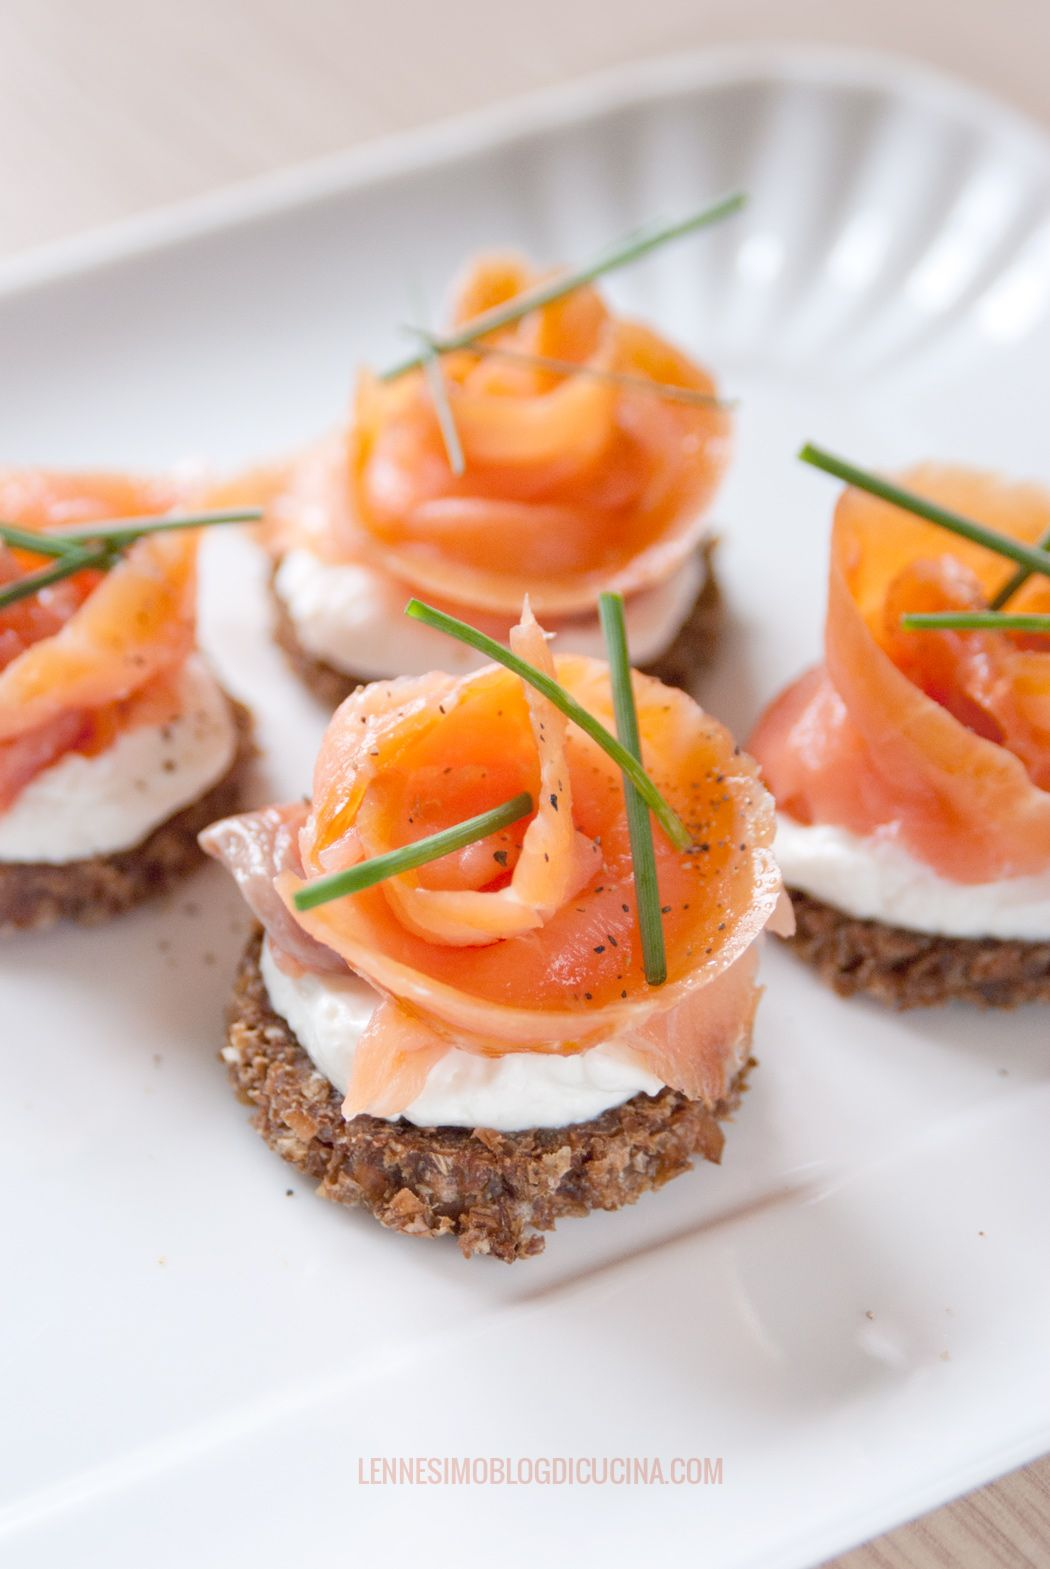 Roselline di salmone, appoggiate su dischetti di pane nero e arricchite da yogurt greco, sono ideali per aprire un pranzo di festa o una cena speciale (salmon roses) recipe & photos ©annafracassi